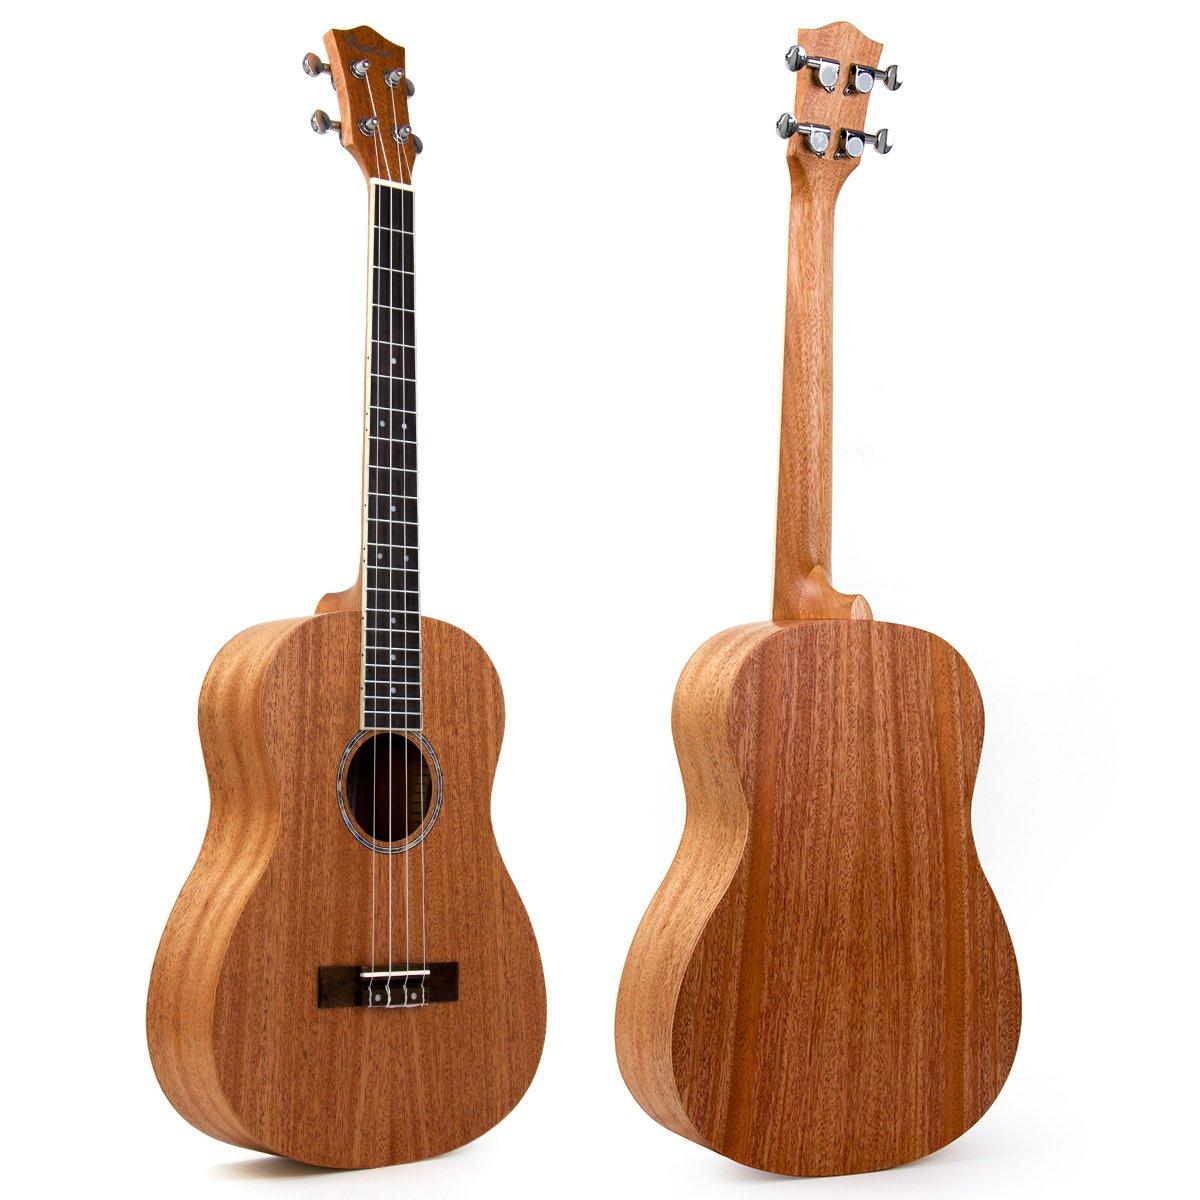 bass baritone ukulele mahogany ukelele uke hawaii guitar 30 inch 4string rosette ebay. Black Bedroom Furniture Sets. Home Design Ideas